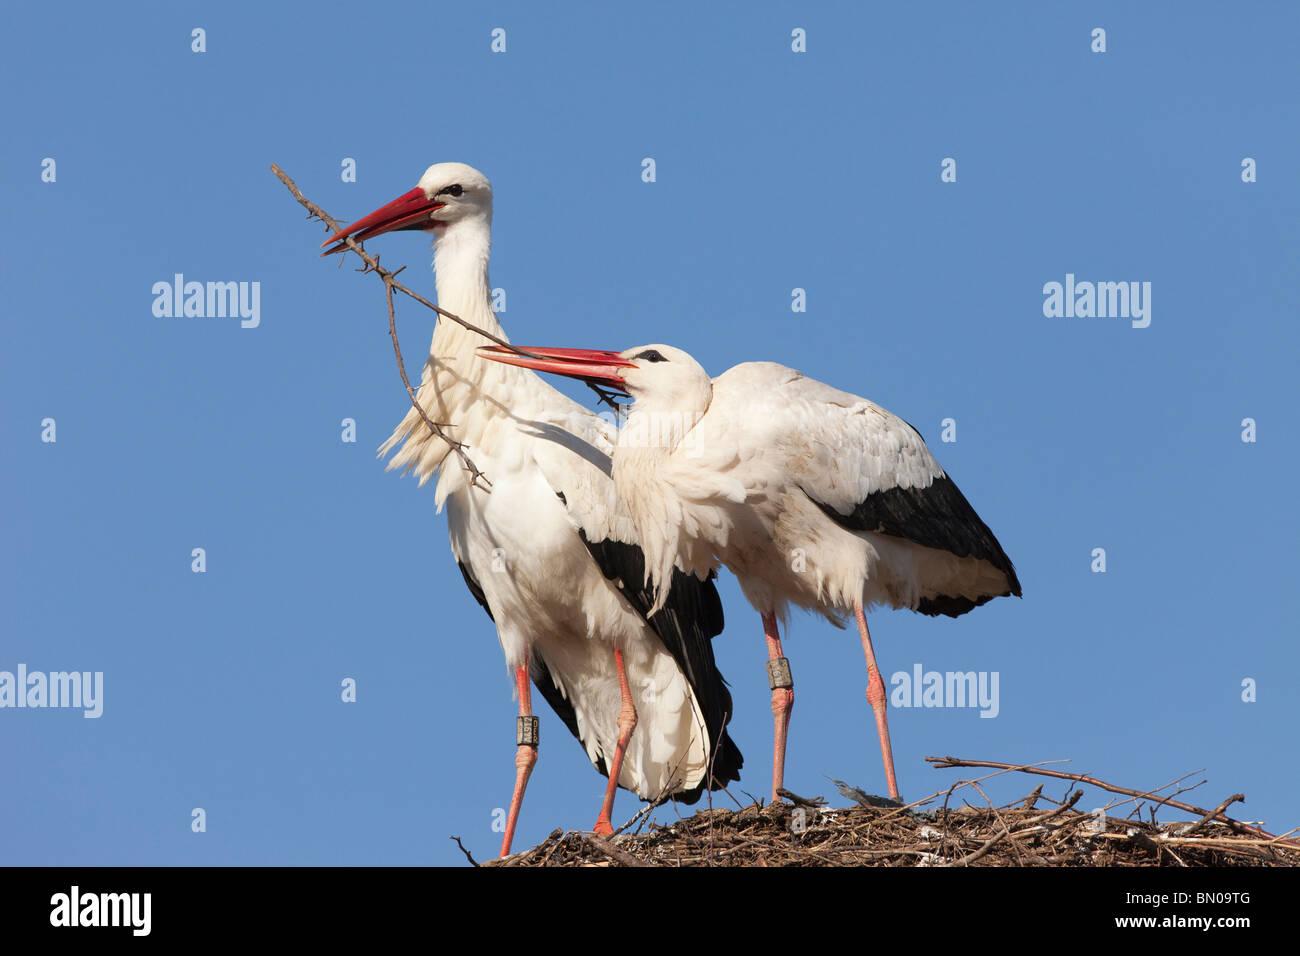 Europäische Weißstorch (Ciconia Ciconia), koppeln Sie ihren Nestbau. Stockbild